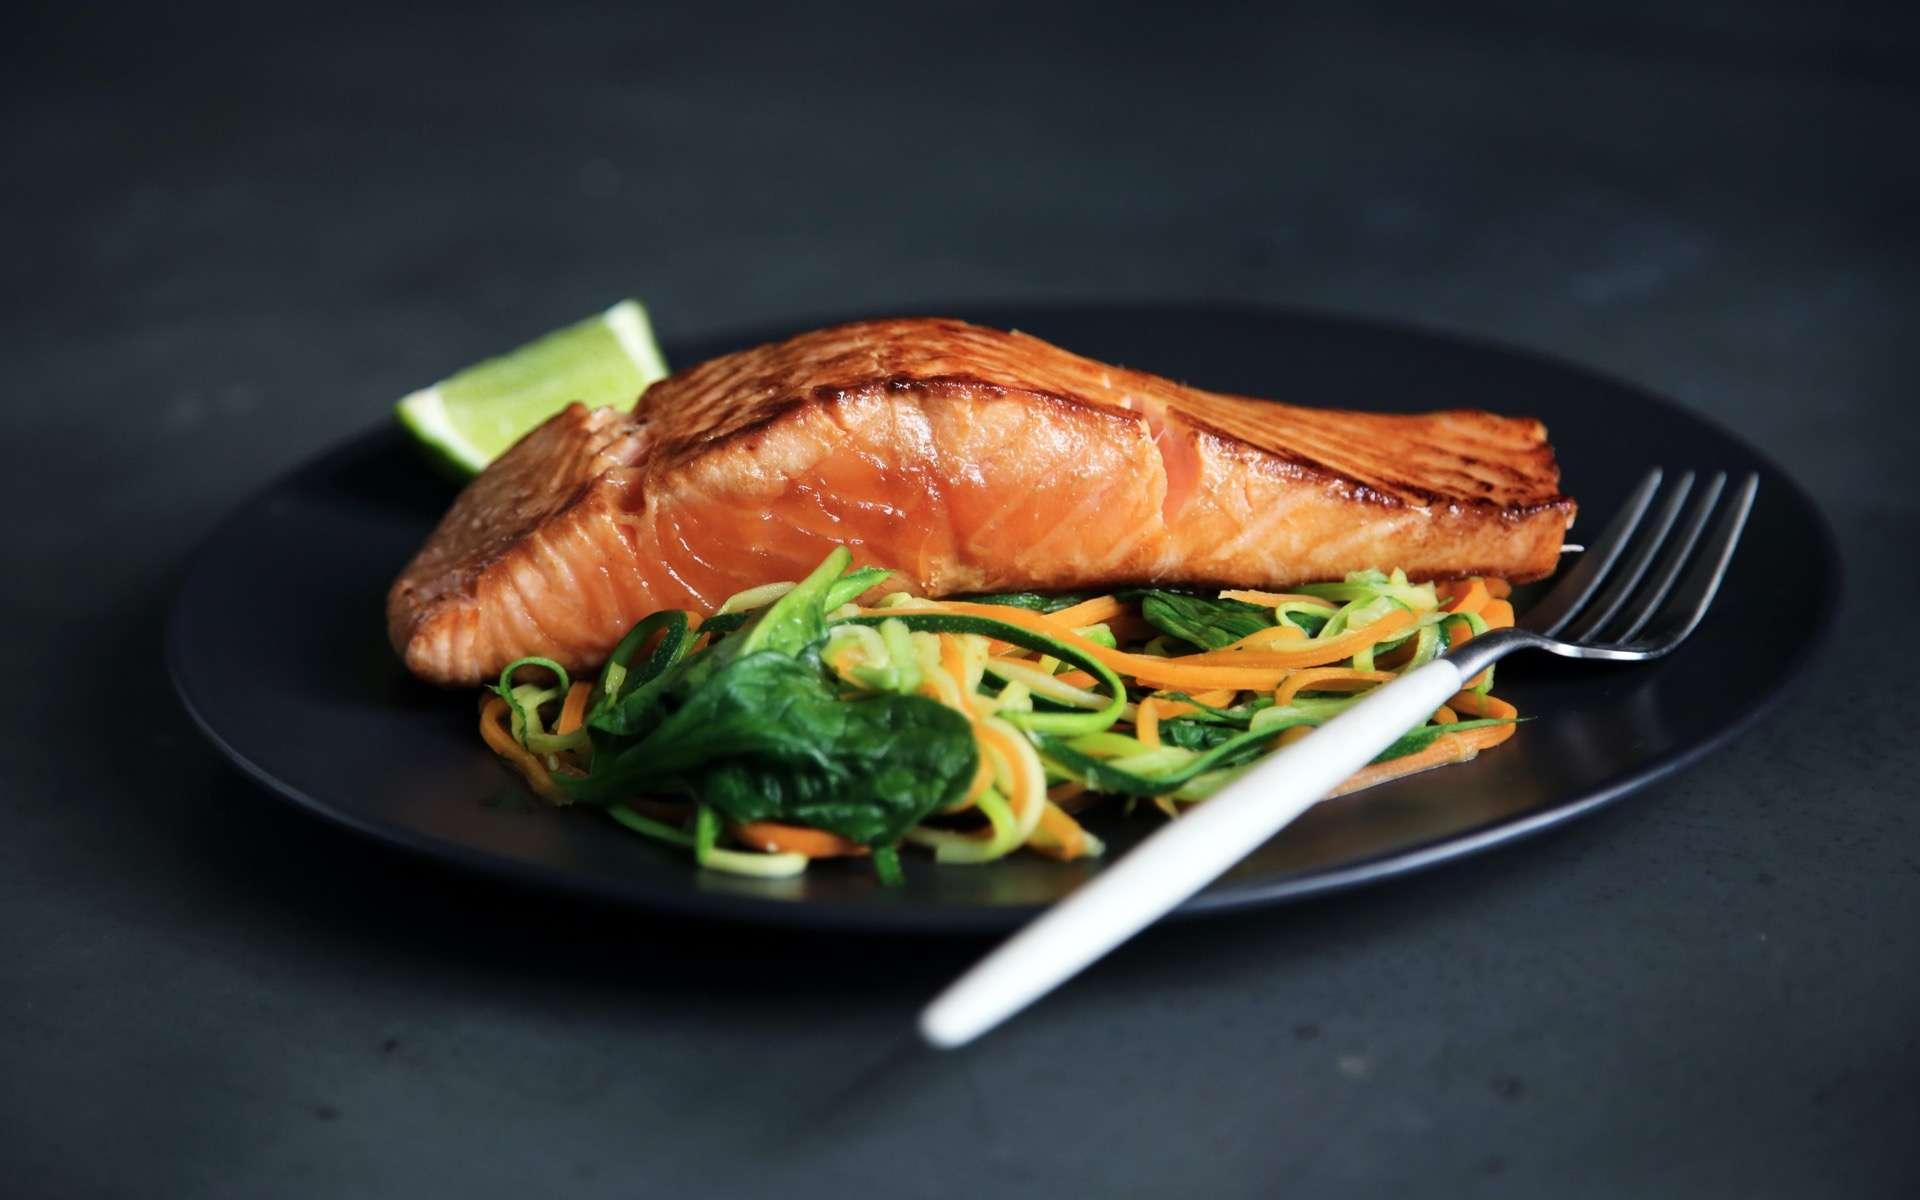 Optez pour un rééquilibrage alimentaire durable. © Caroline Attwood, Unsplash